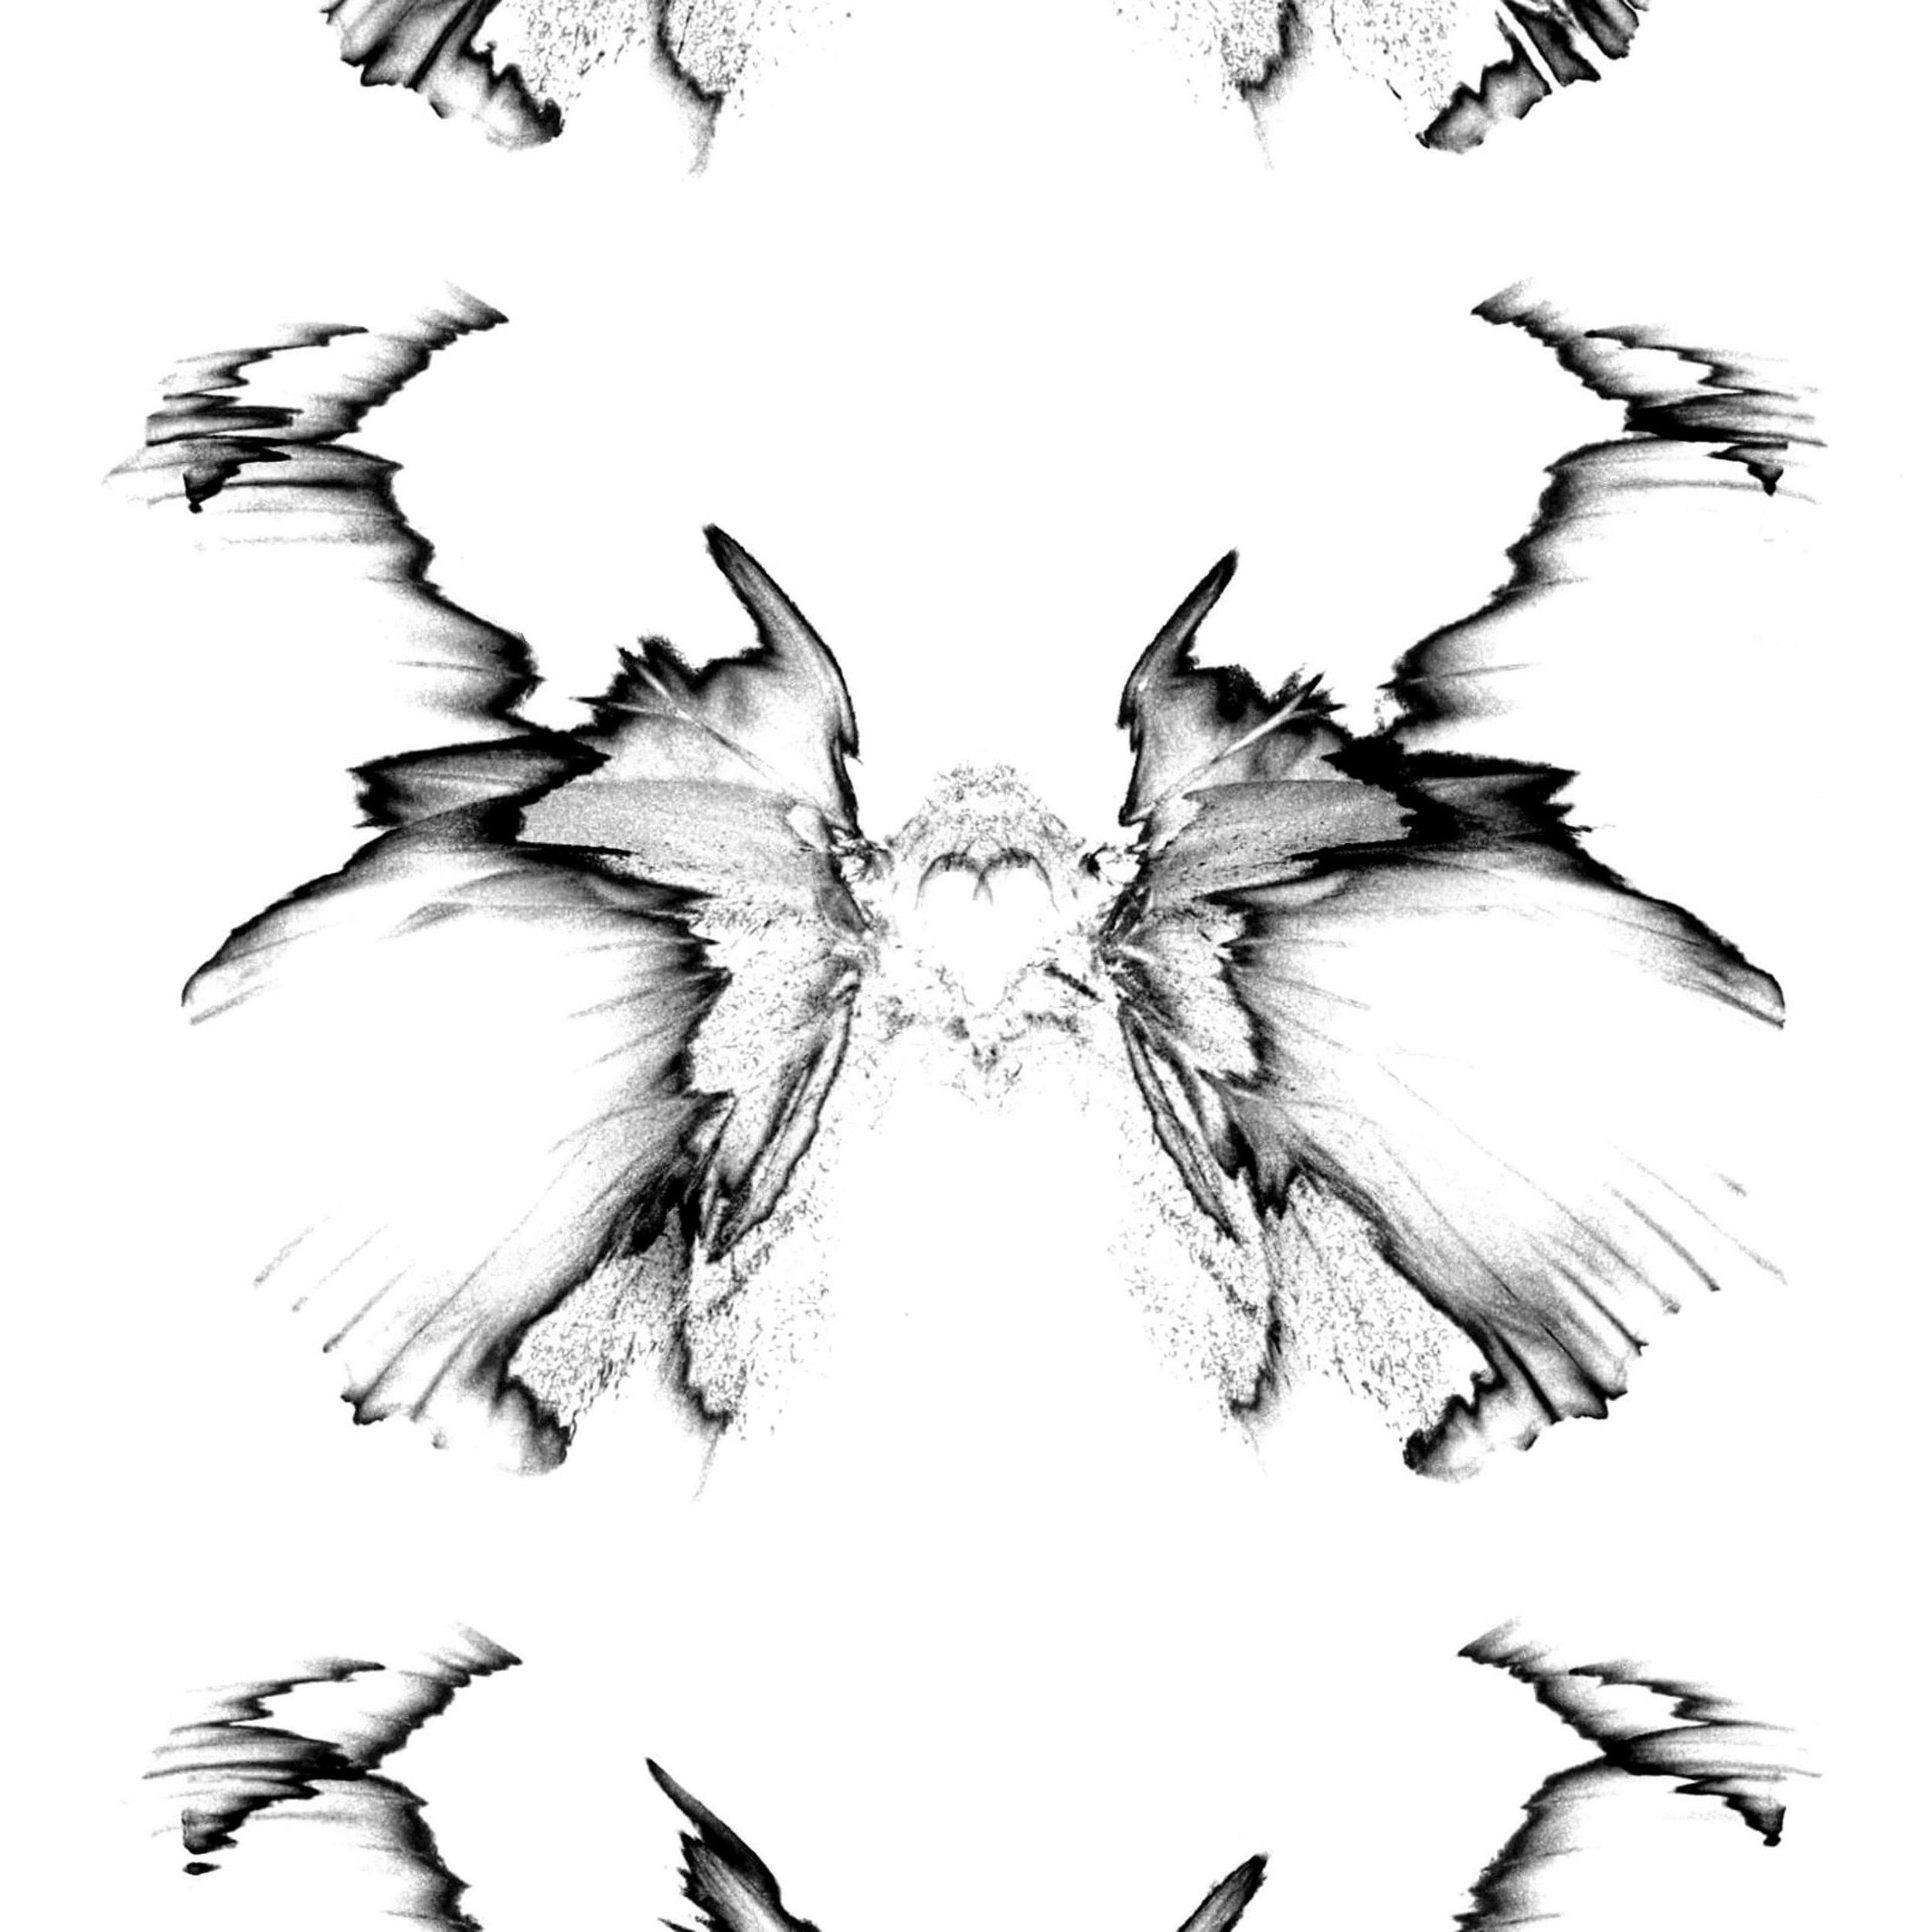 matscheko_enface_2x1_2880px.jpg